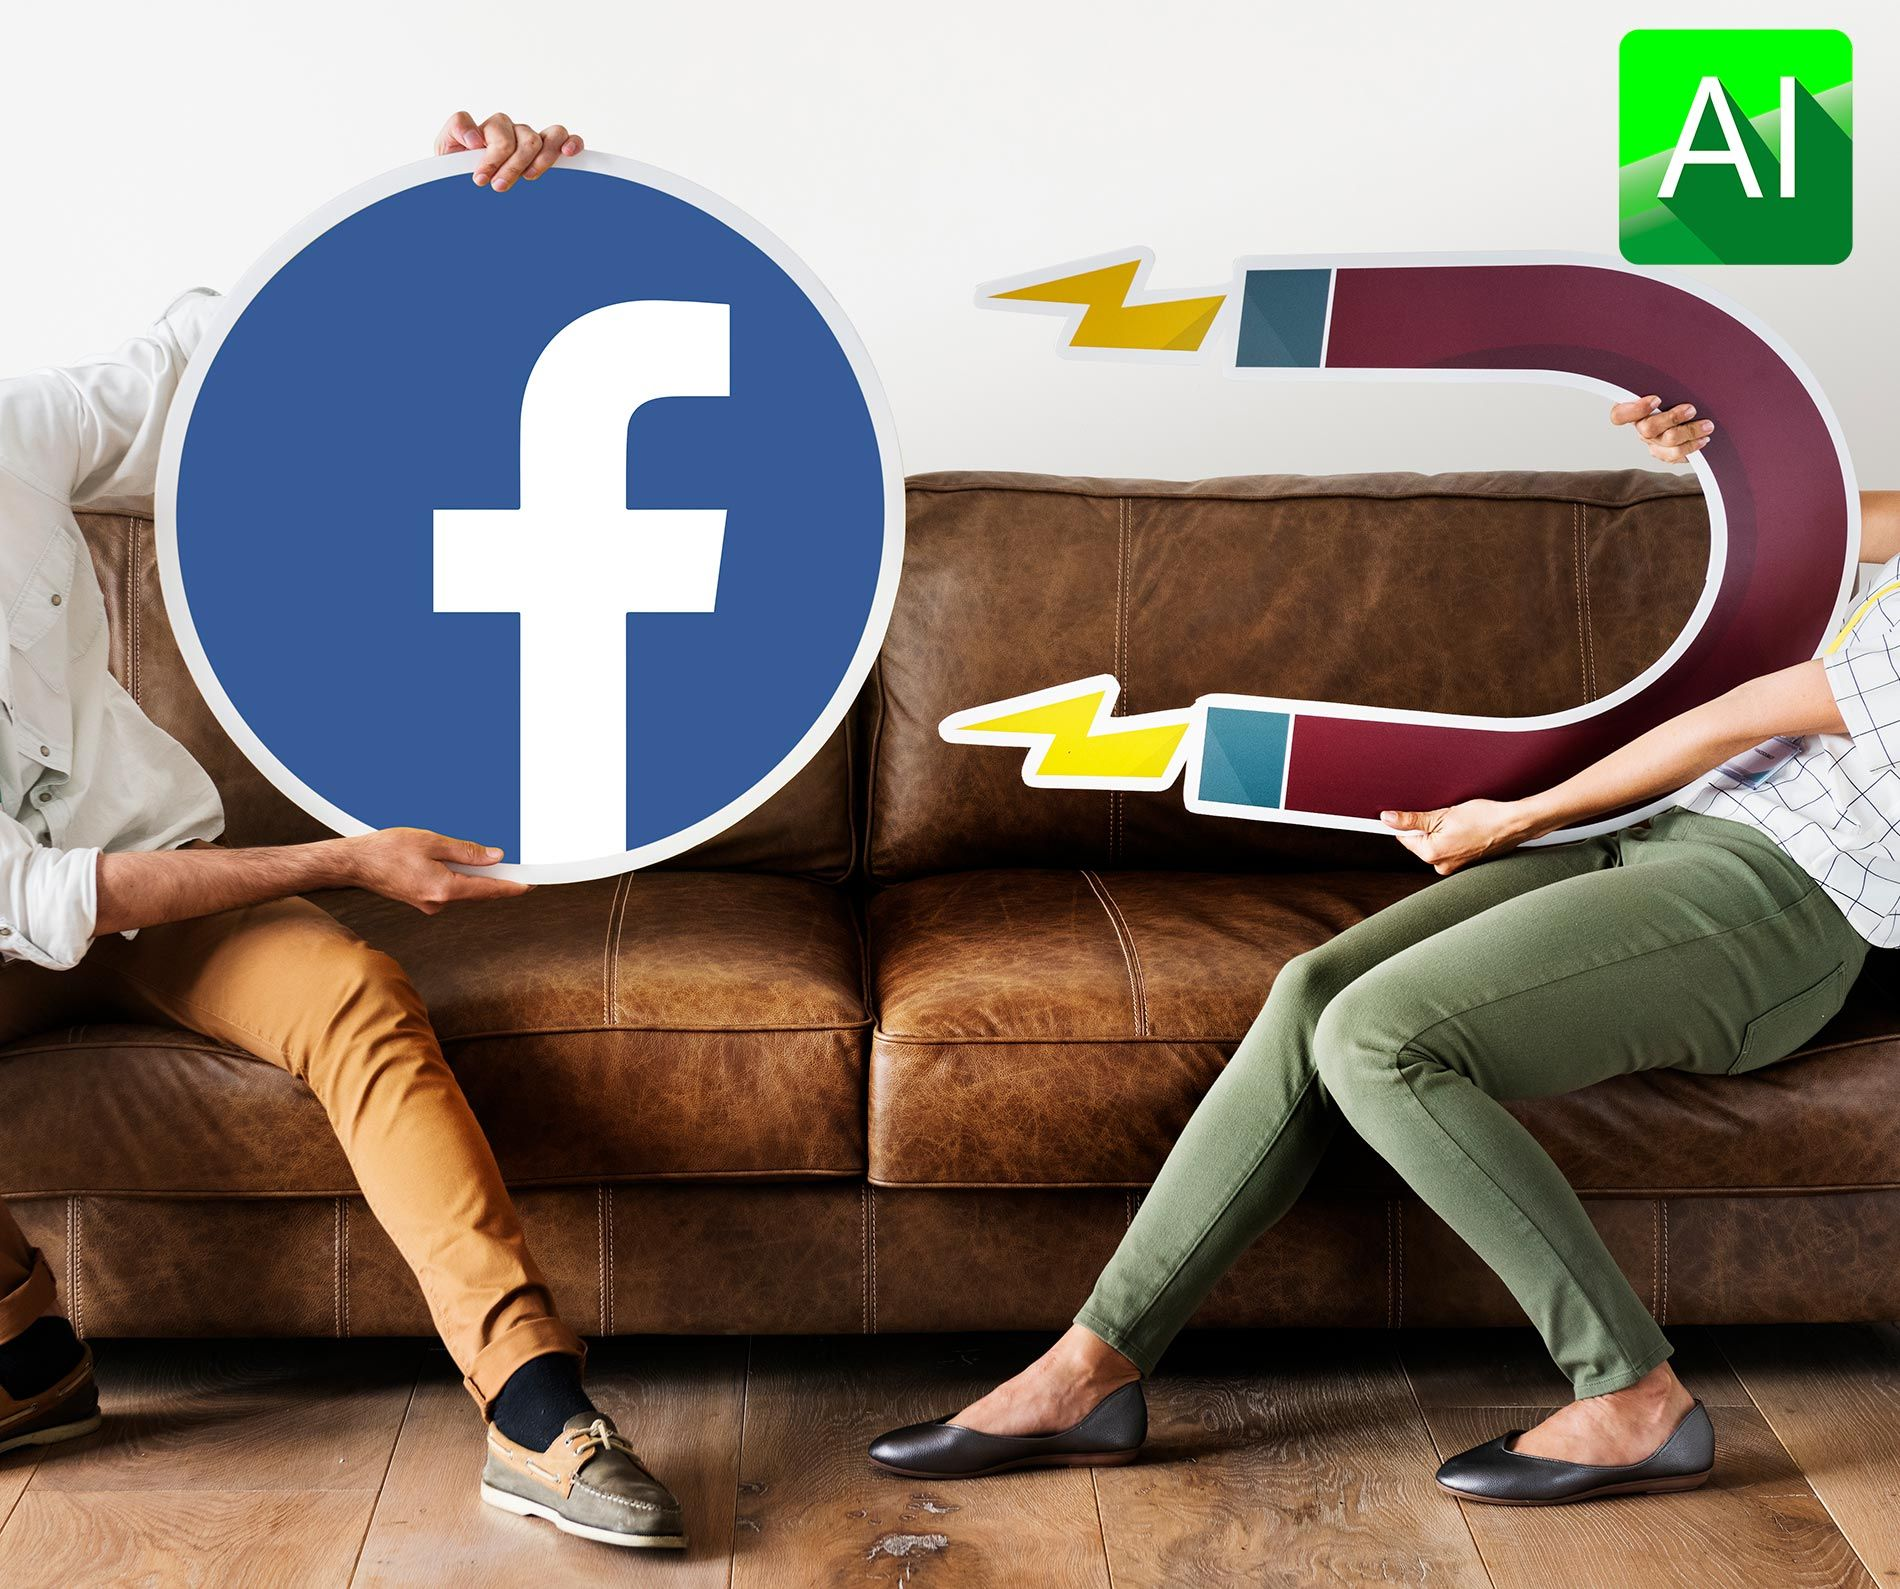 【 Fan Page 】¿Cómo crear una página de Facebook para Agentes?